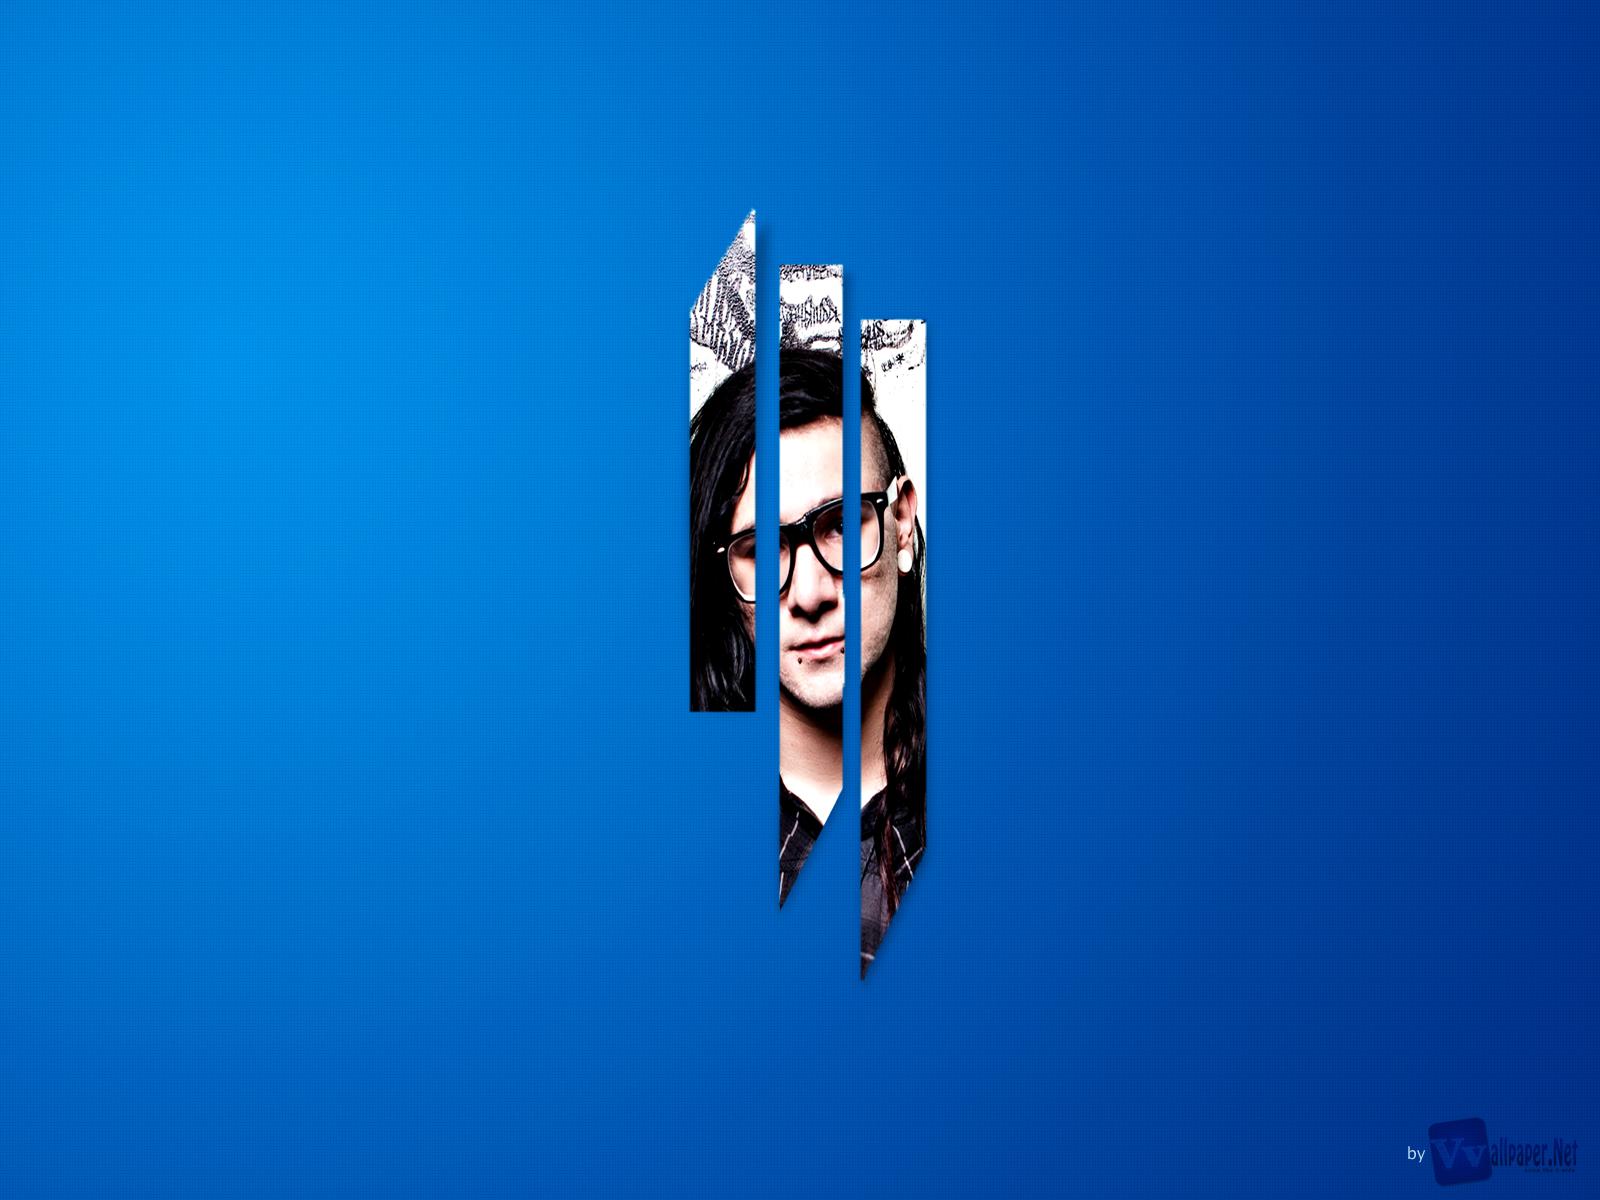 hd dj wallpapers 2012